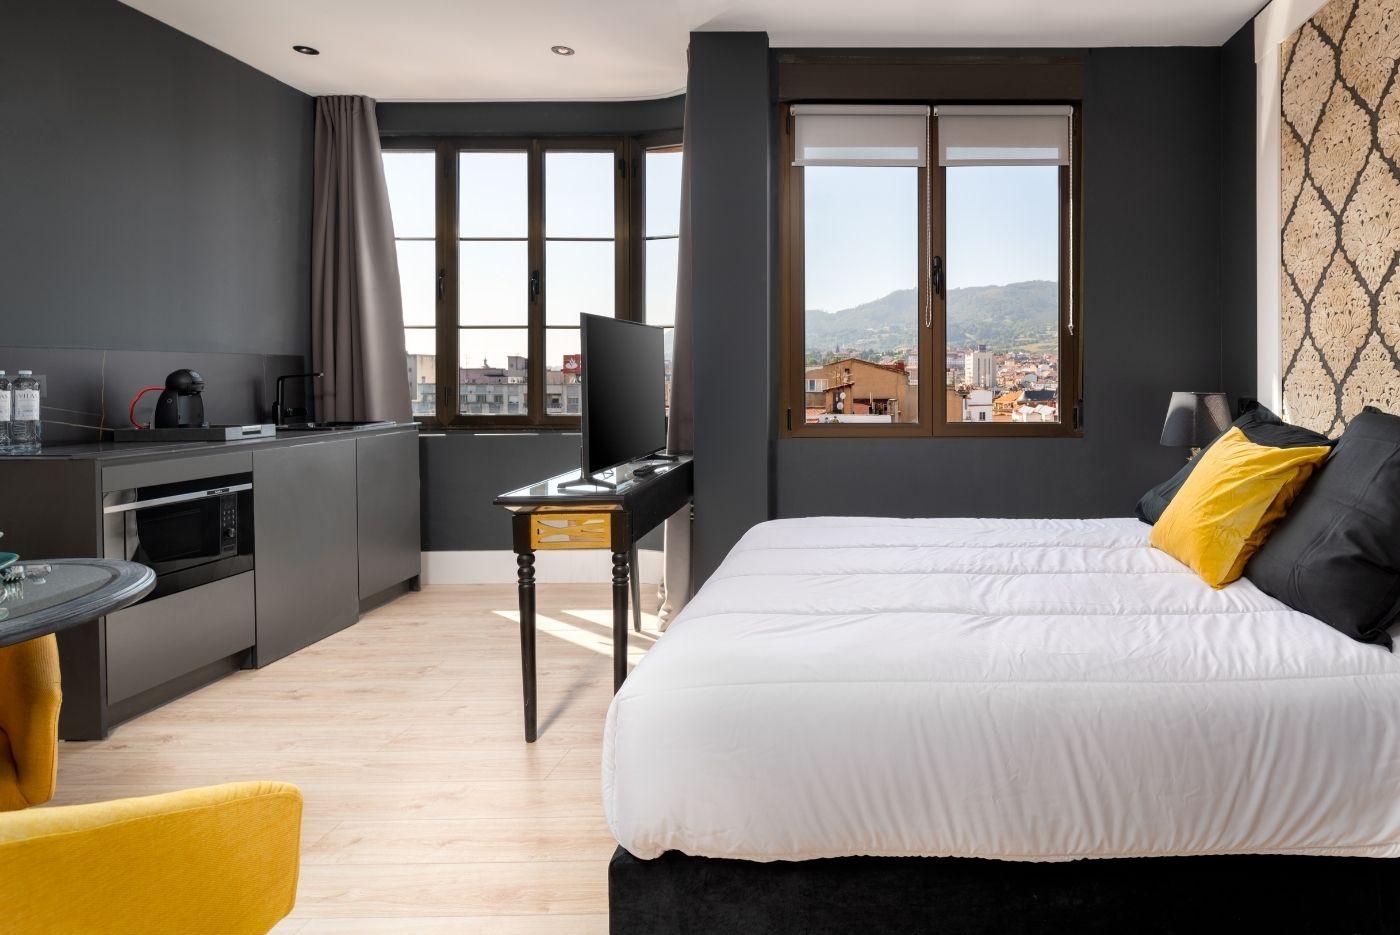 Apartamento-Atico-Duplex-74-Oviedo-1907-03